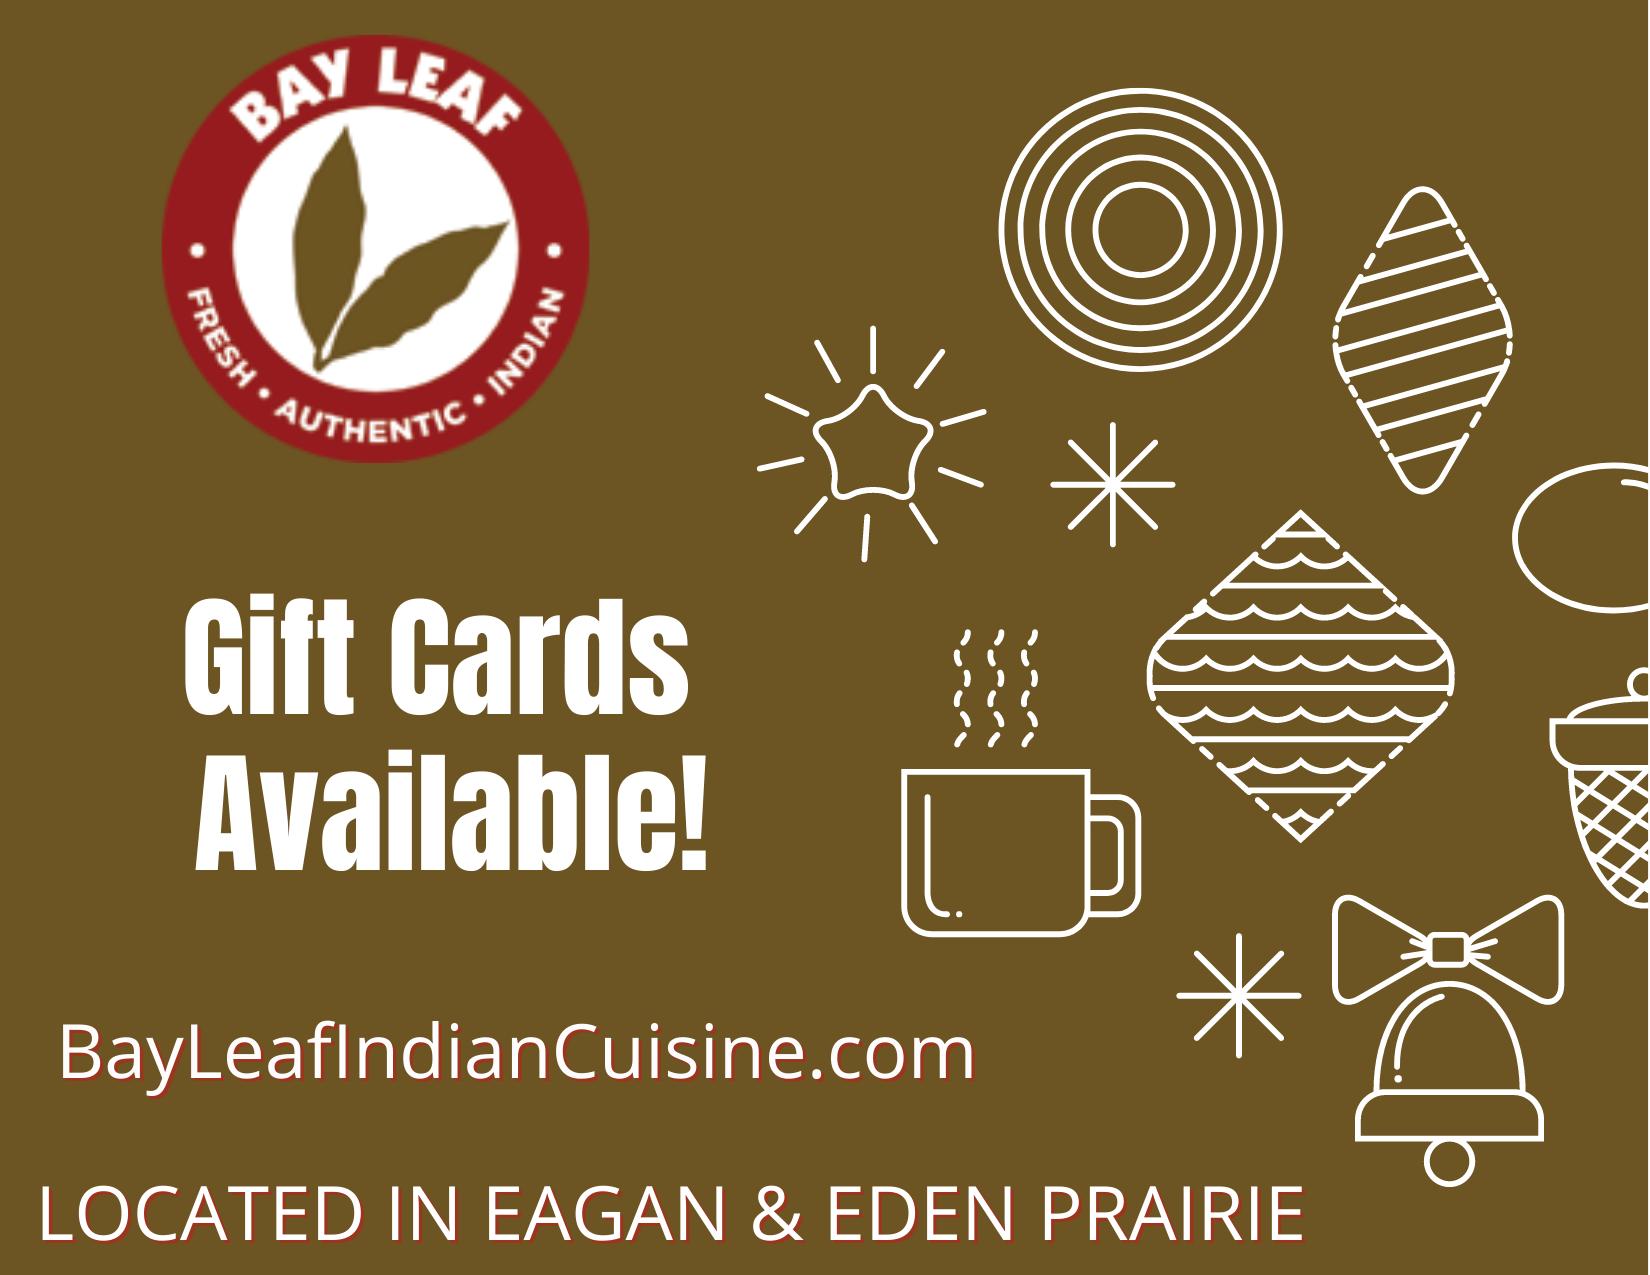 Bay Leaf Gift Card restaurant in Eden Prairie MN